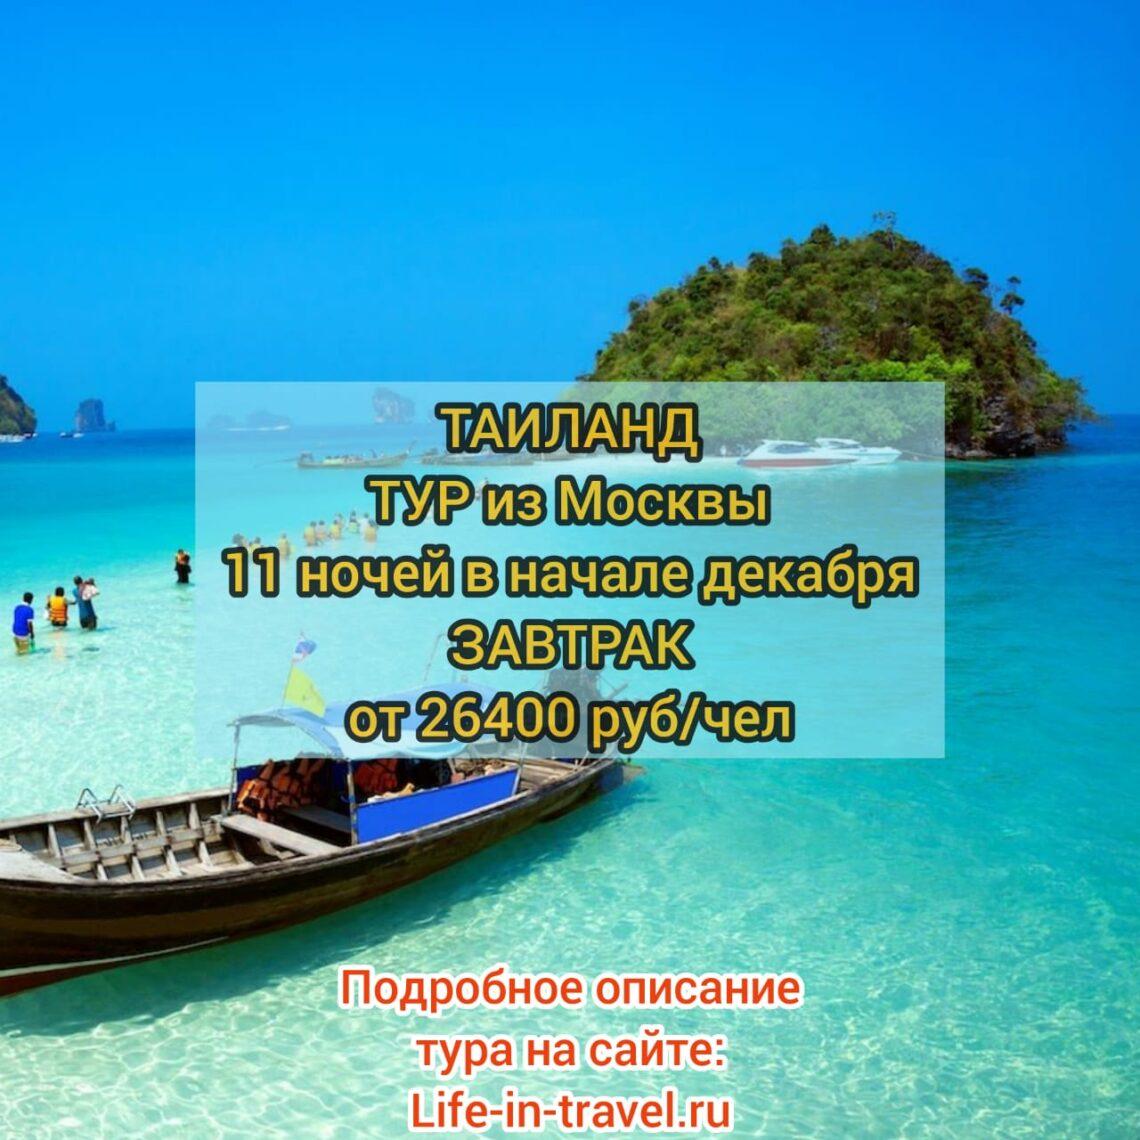 Тур в Таиланд в декабре